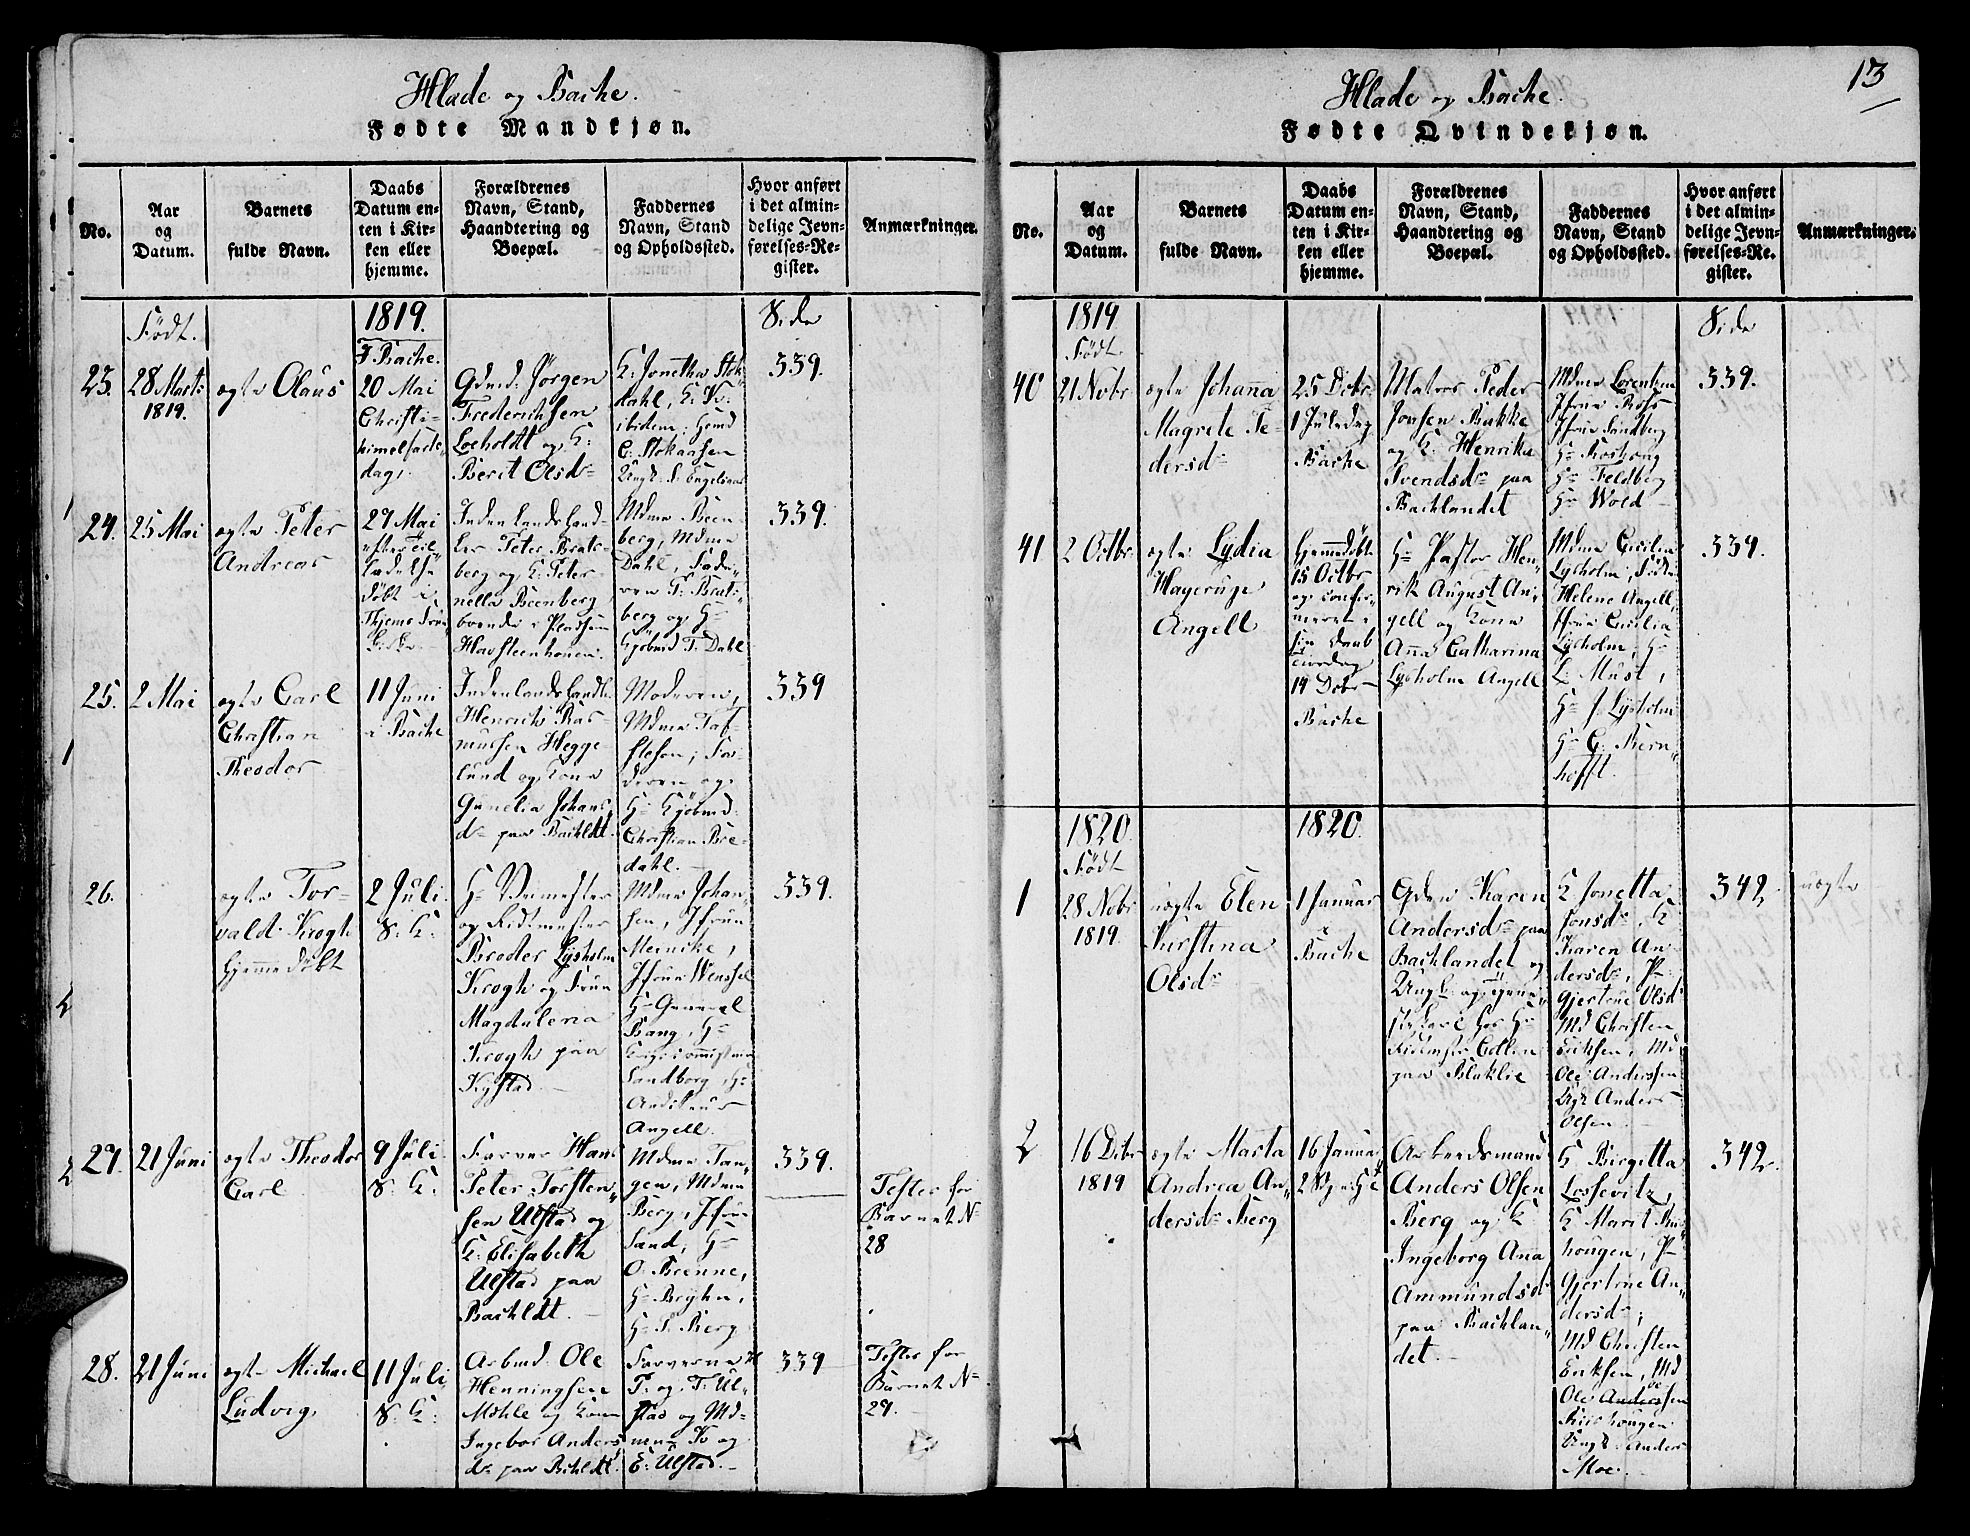 SAT, Ministerialprotokoller, klokkerbøker og fødselsregistre - Sør-Trøndelag, 606/L0283: Ministerialbok nr. 606A03 /1, 1818-1823, s. 13